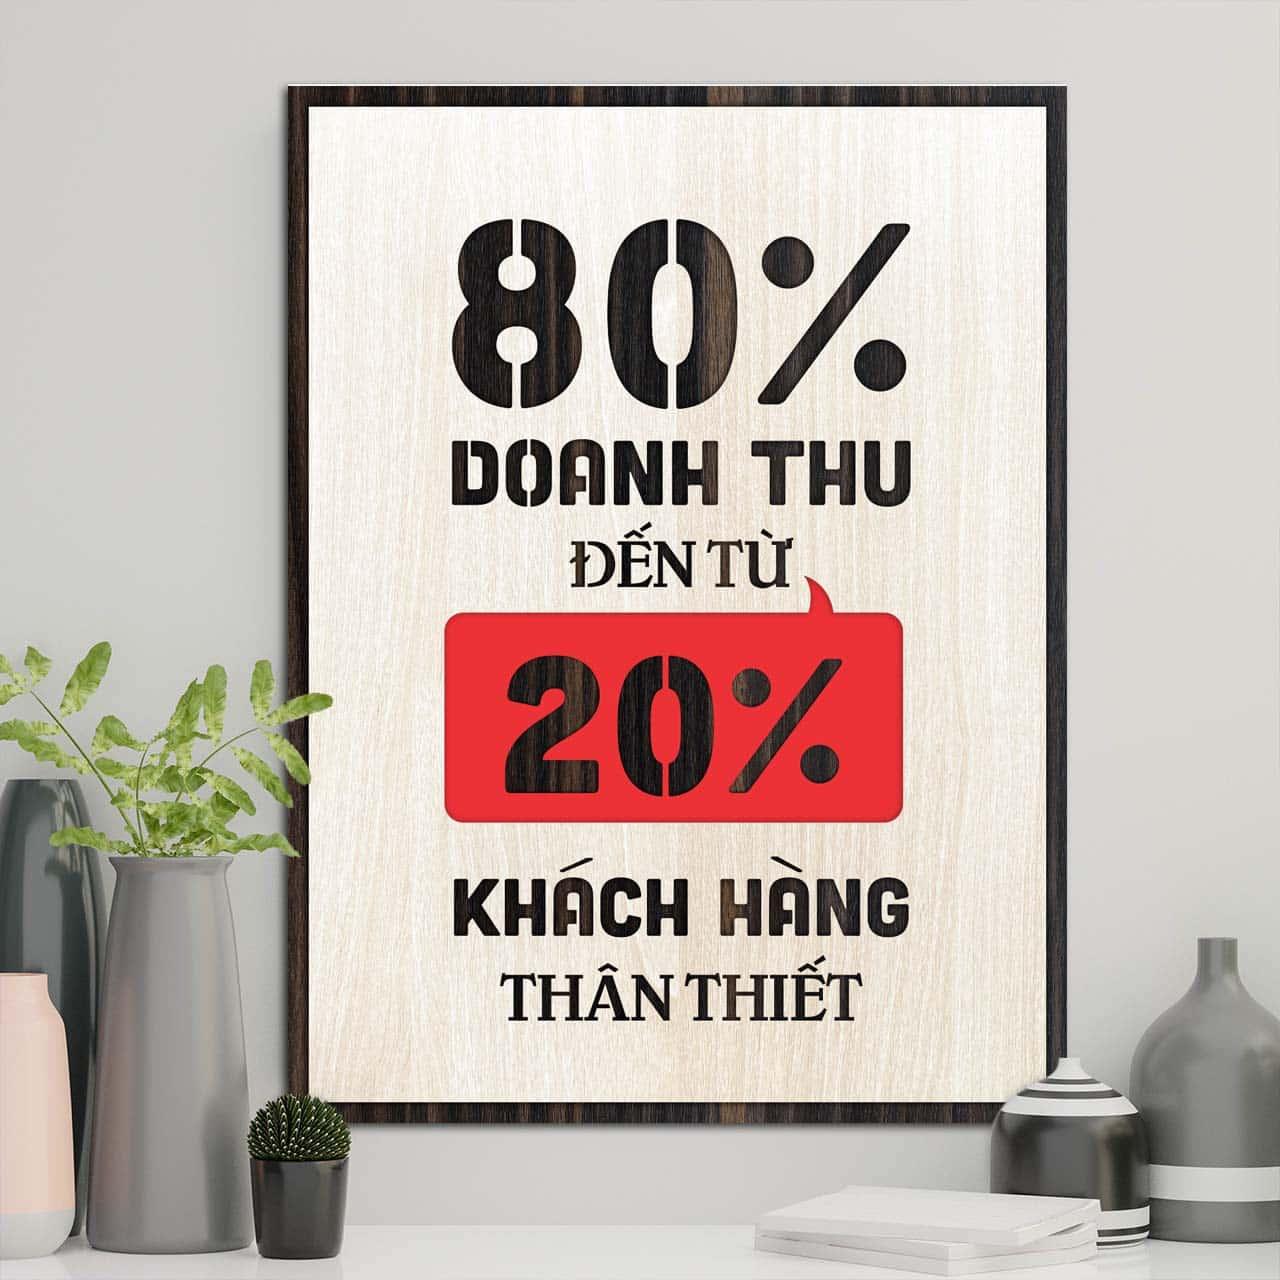 80% doanh thu đến từ 20% khách hàng thân thiết